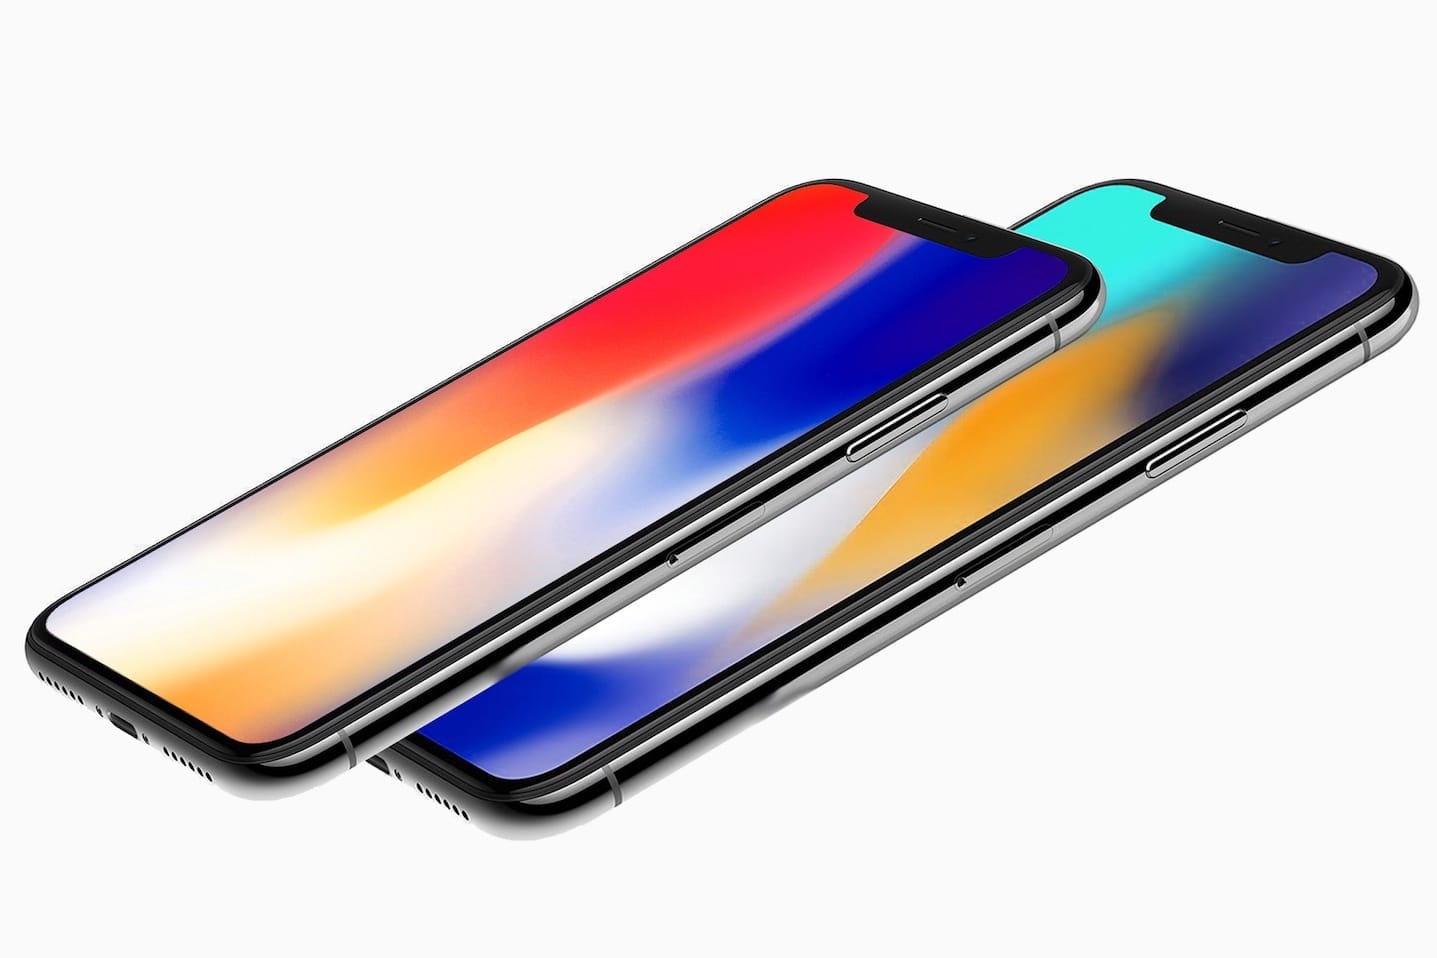 Размещен концептуальный автомобиль 6,4-дюймового iPhone XPlus